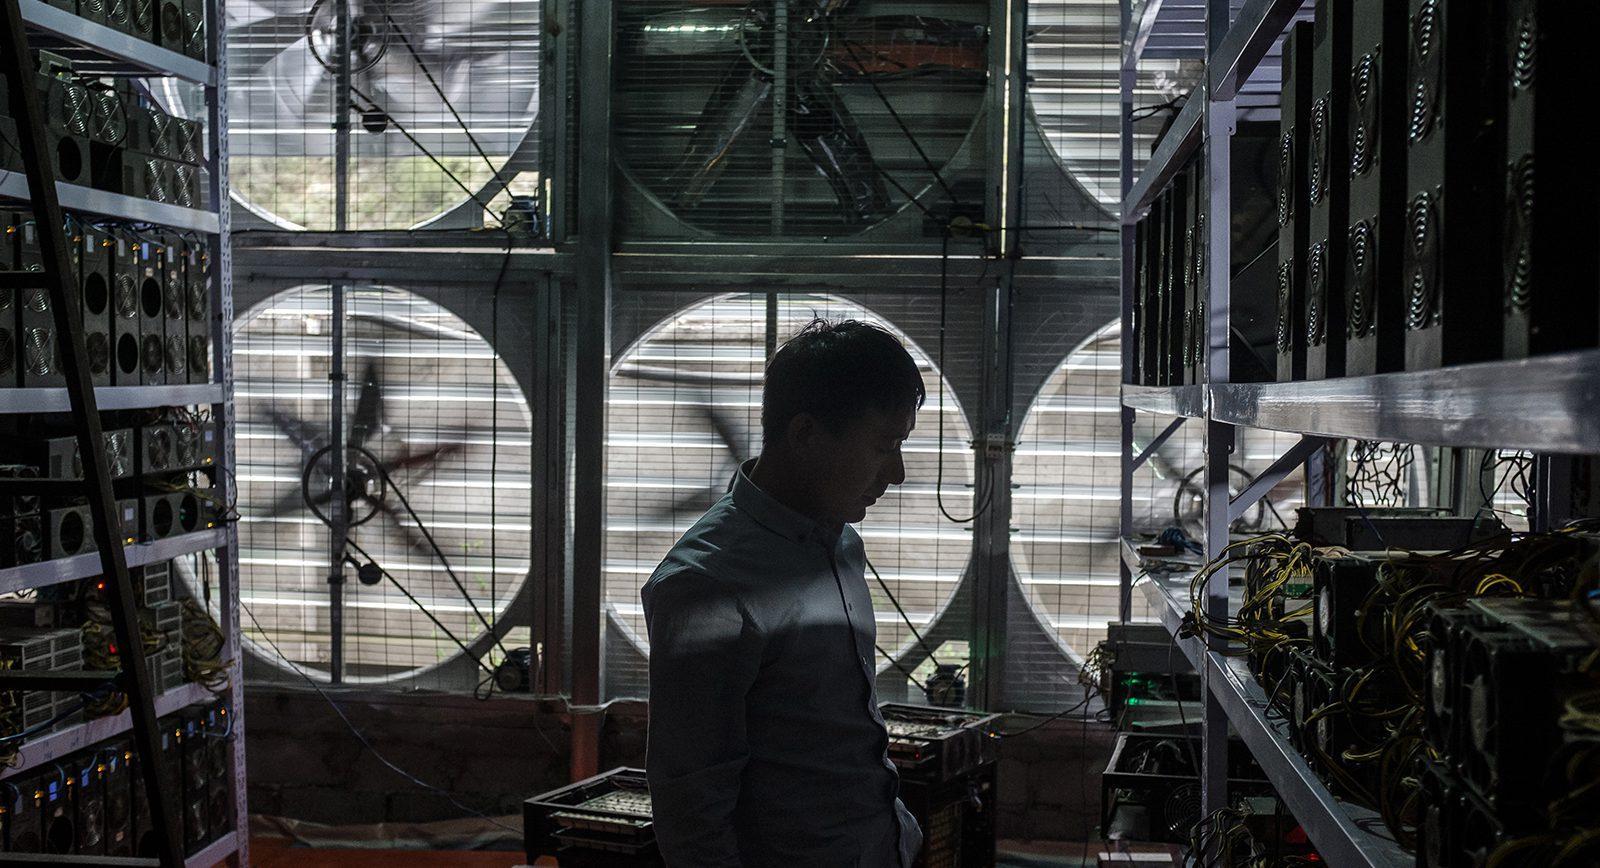 Trung Quốc đang tìm cách cấm các hoạt động khai thác tiền điện tử